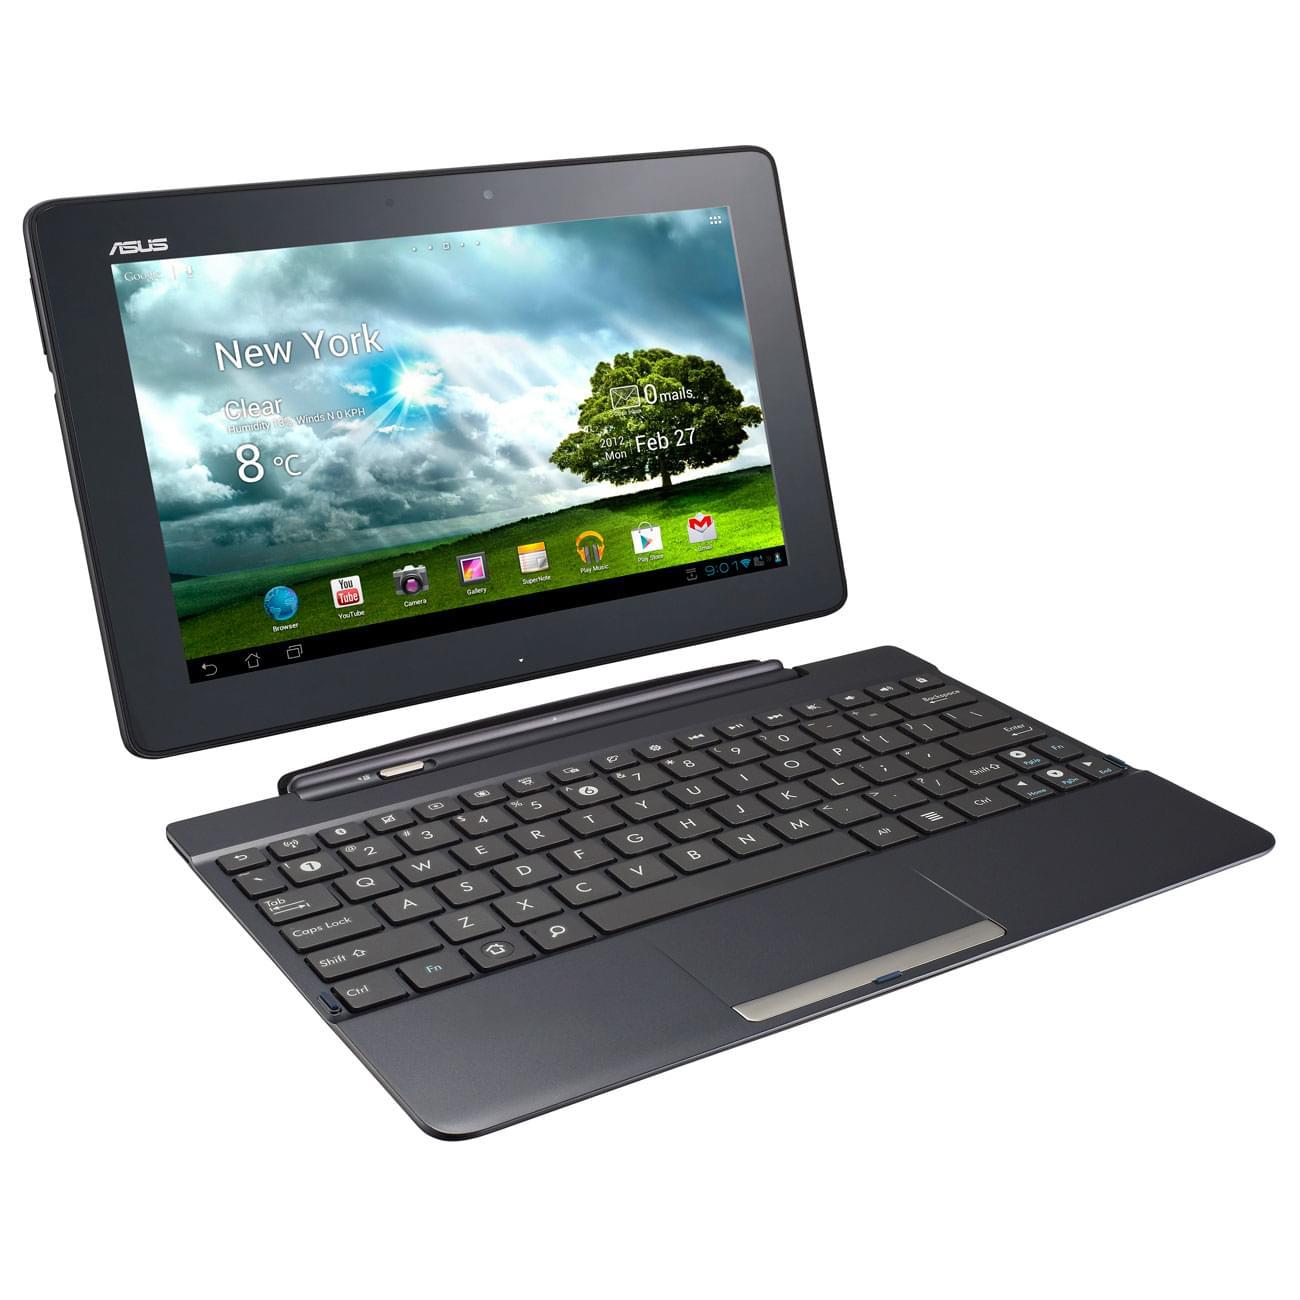 Asus TF300T-1E011A - Tablette tactile Asus - Cybertek.fr - 0